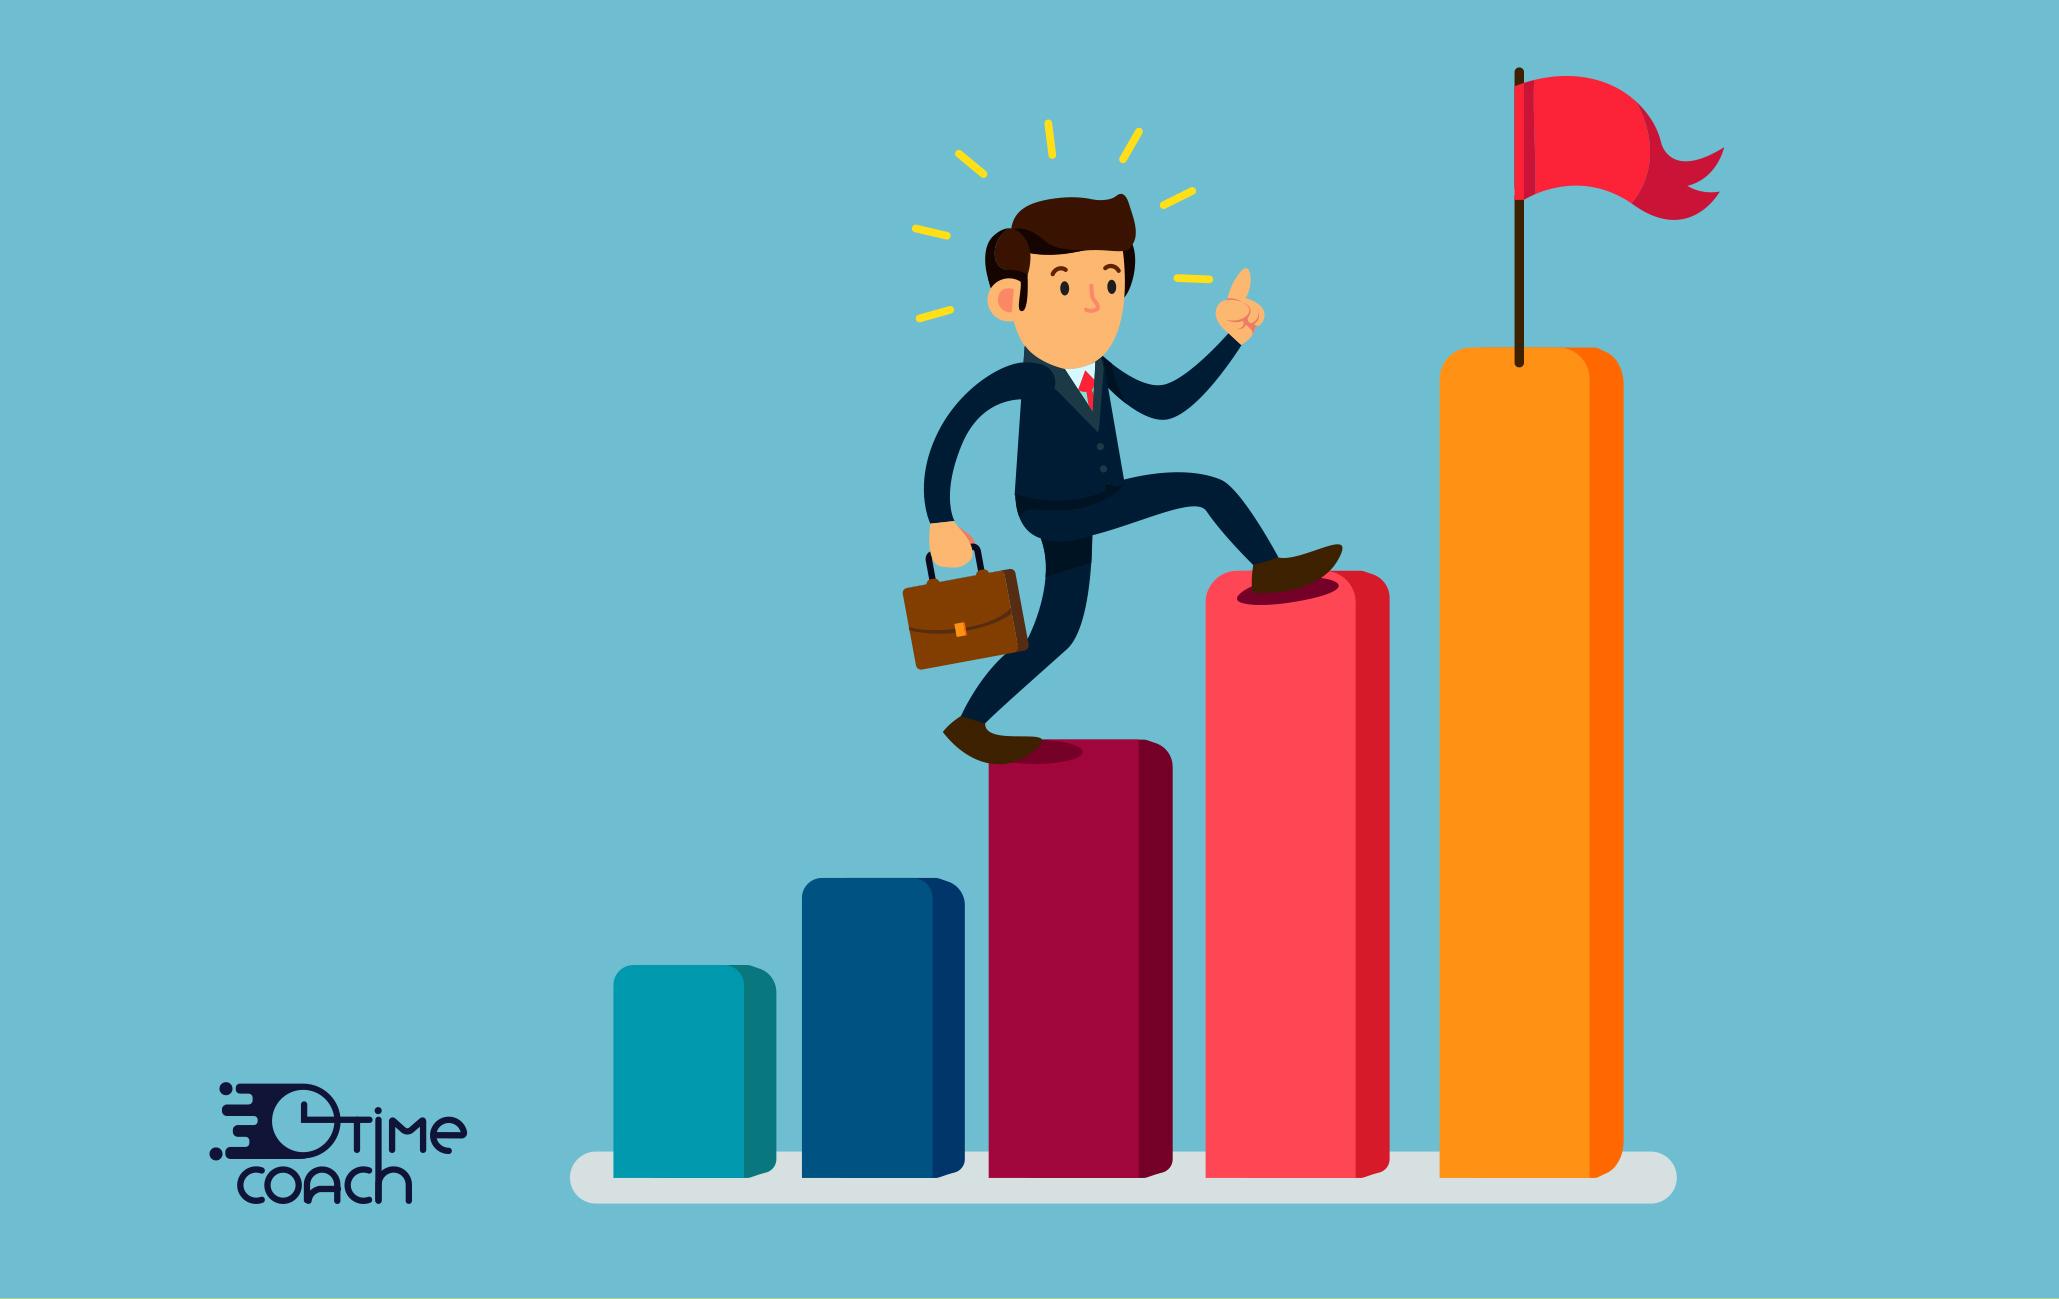 آیا در برابر محدودیت هایی که شما را عقب نگه میدارند، نیاز به دستیابی به موفقیت دارید؟